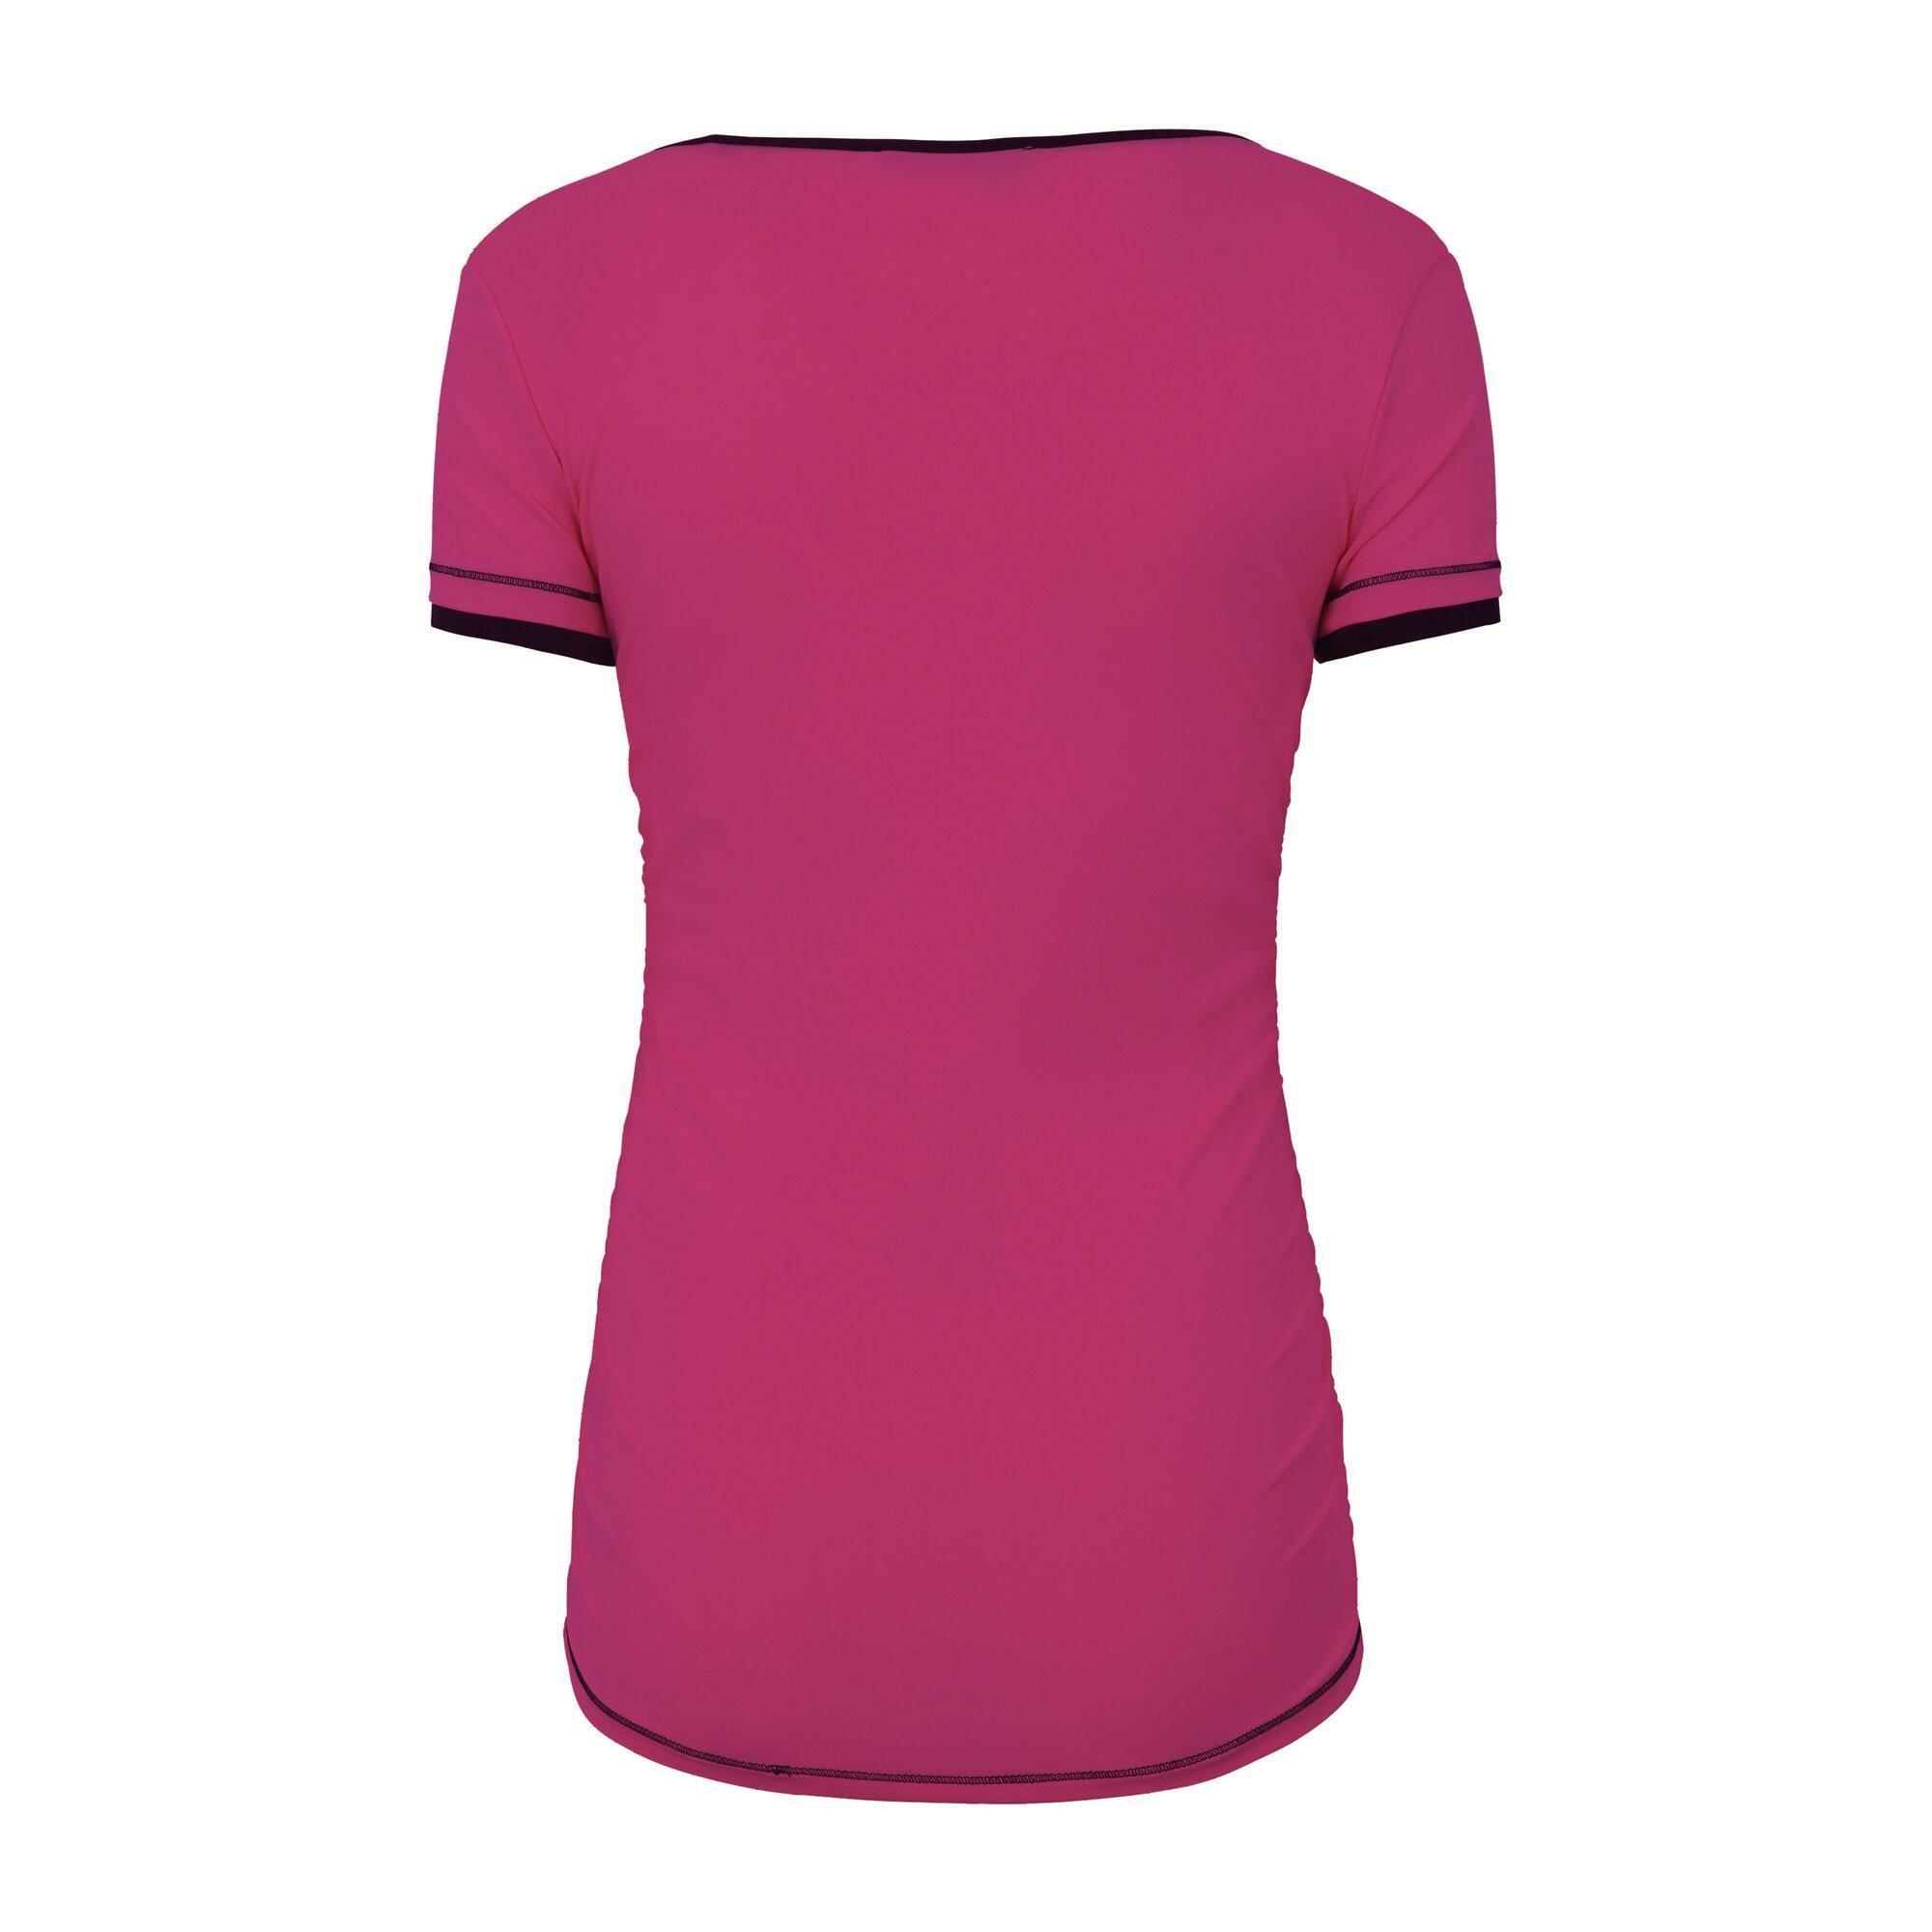 bellybutton-t-shirt-1-4-arm